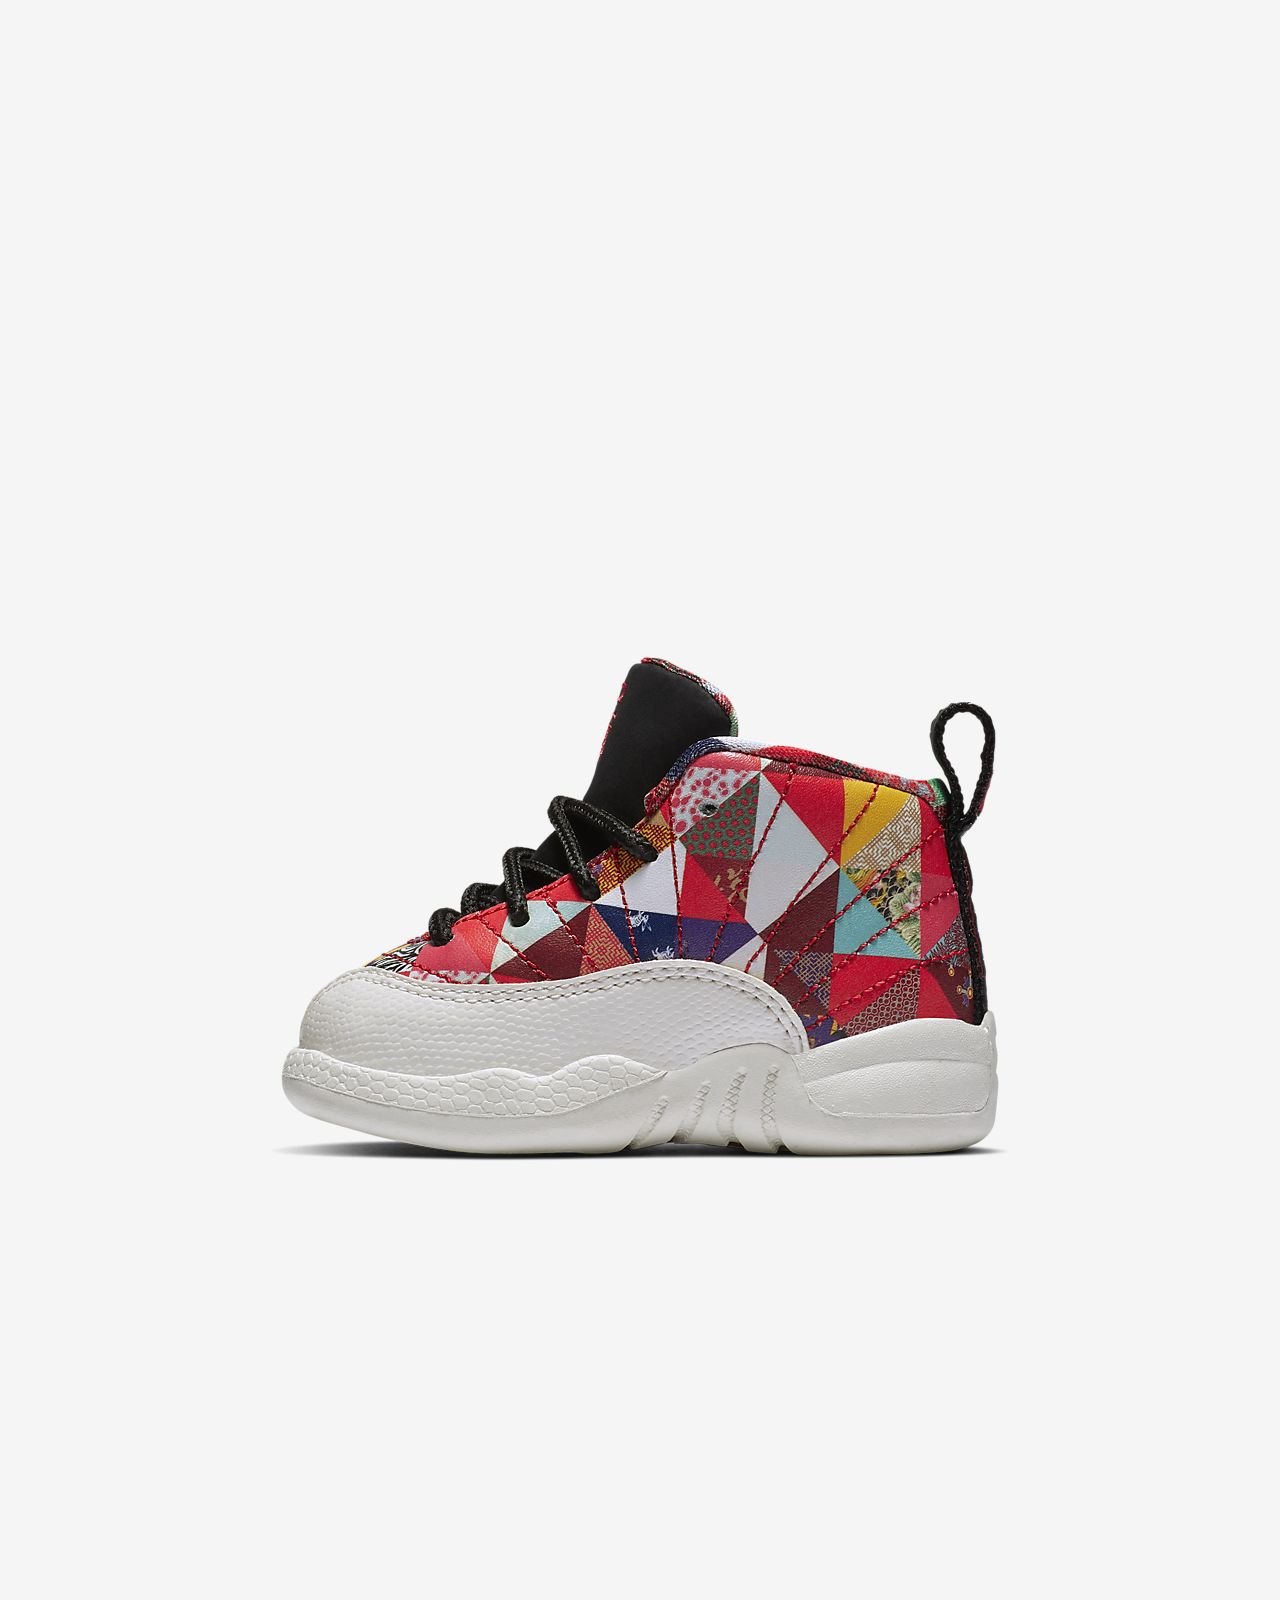 29905b4e610466 Air Jordan 12 Retro CNY Baby Toddler Shoe. Nike.com